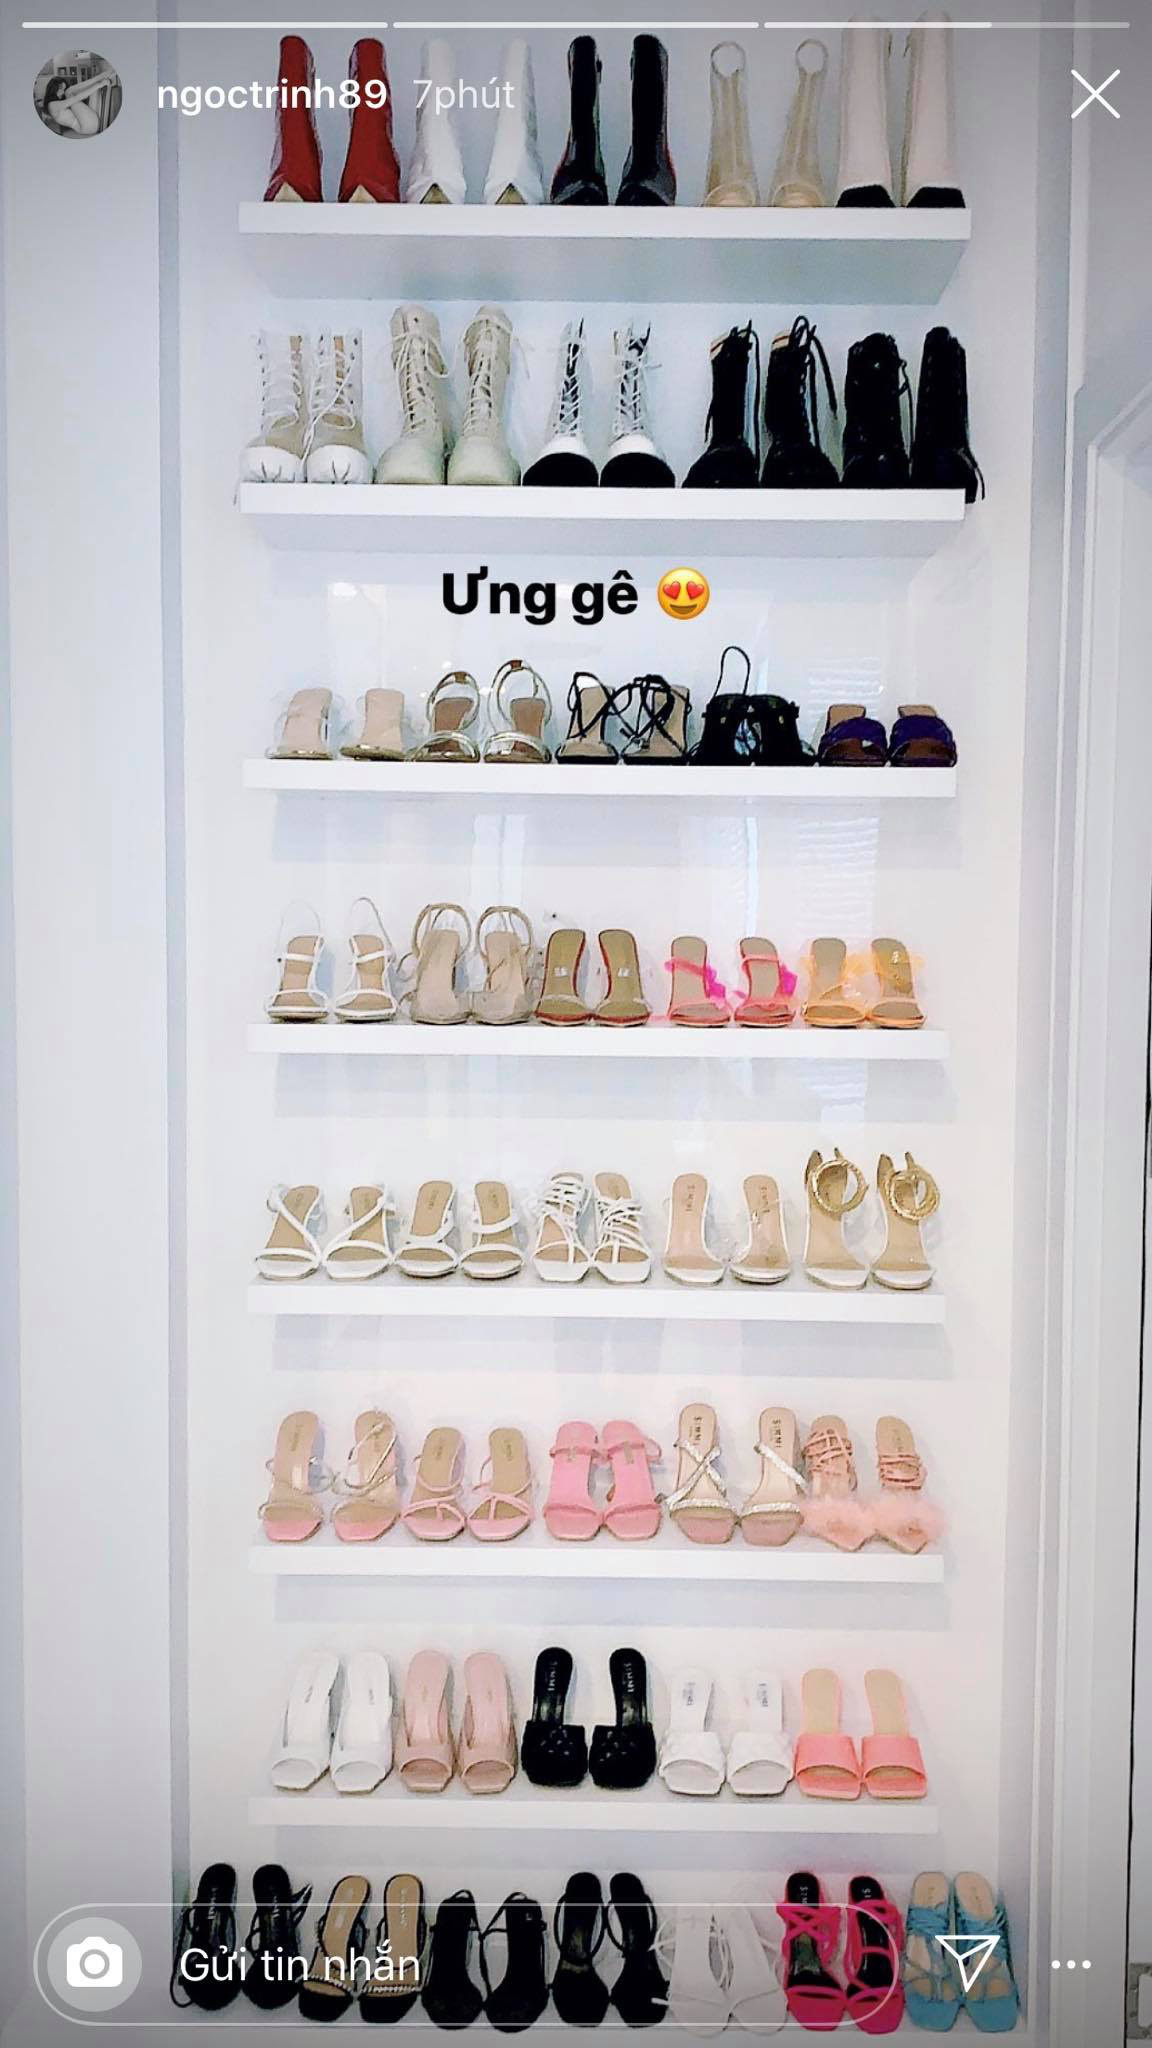 Vắng show chậu mùa dịch, Ngọc Trinh vẫn khoe thành quả mua sắm gây choáng: Sơ sơ cũng 40 đôi giày! - Ảnh 2.